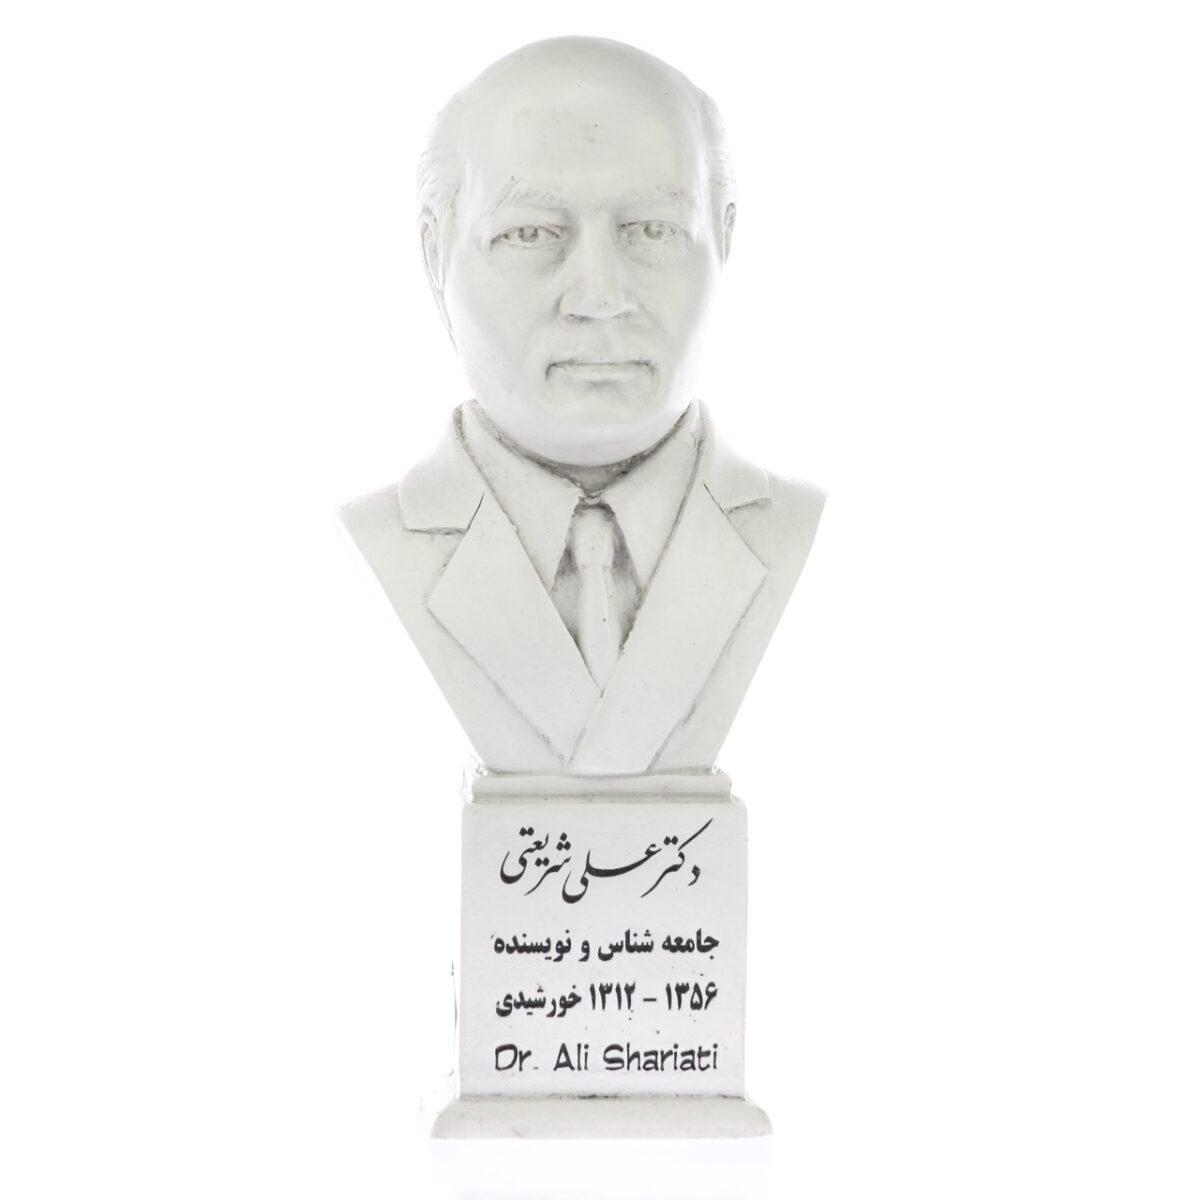 dr shariati s 1200x1200 - سردیس دکتر علی شریعتی